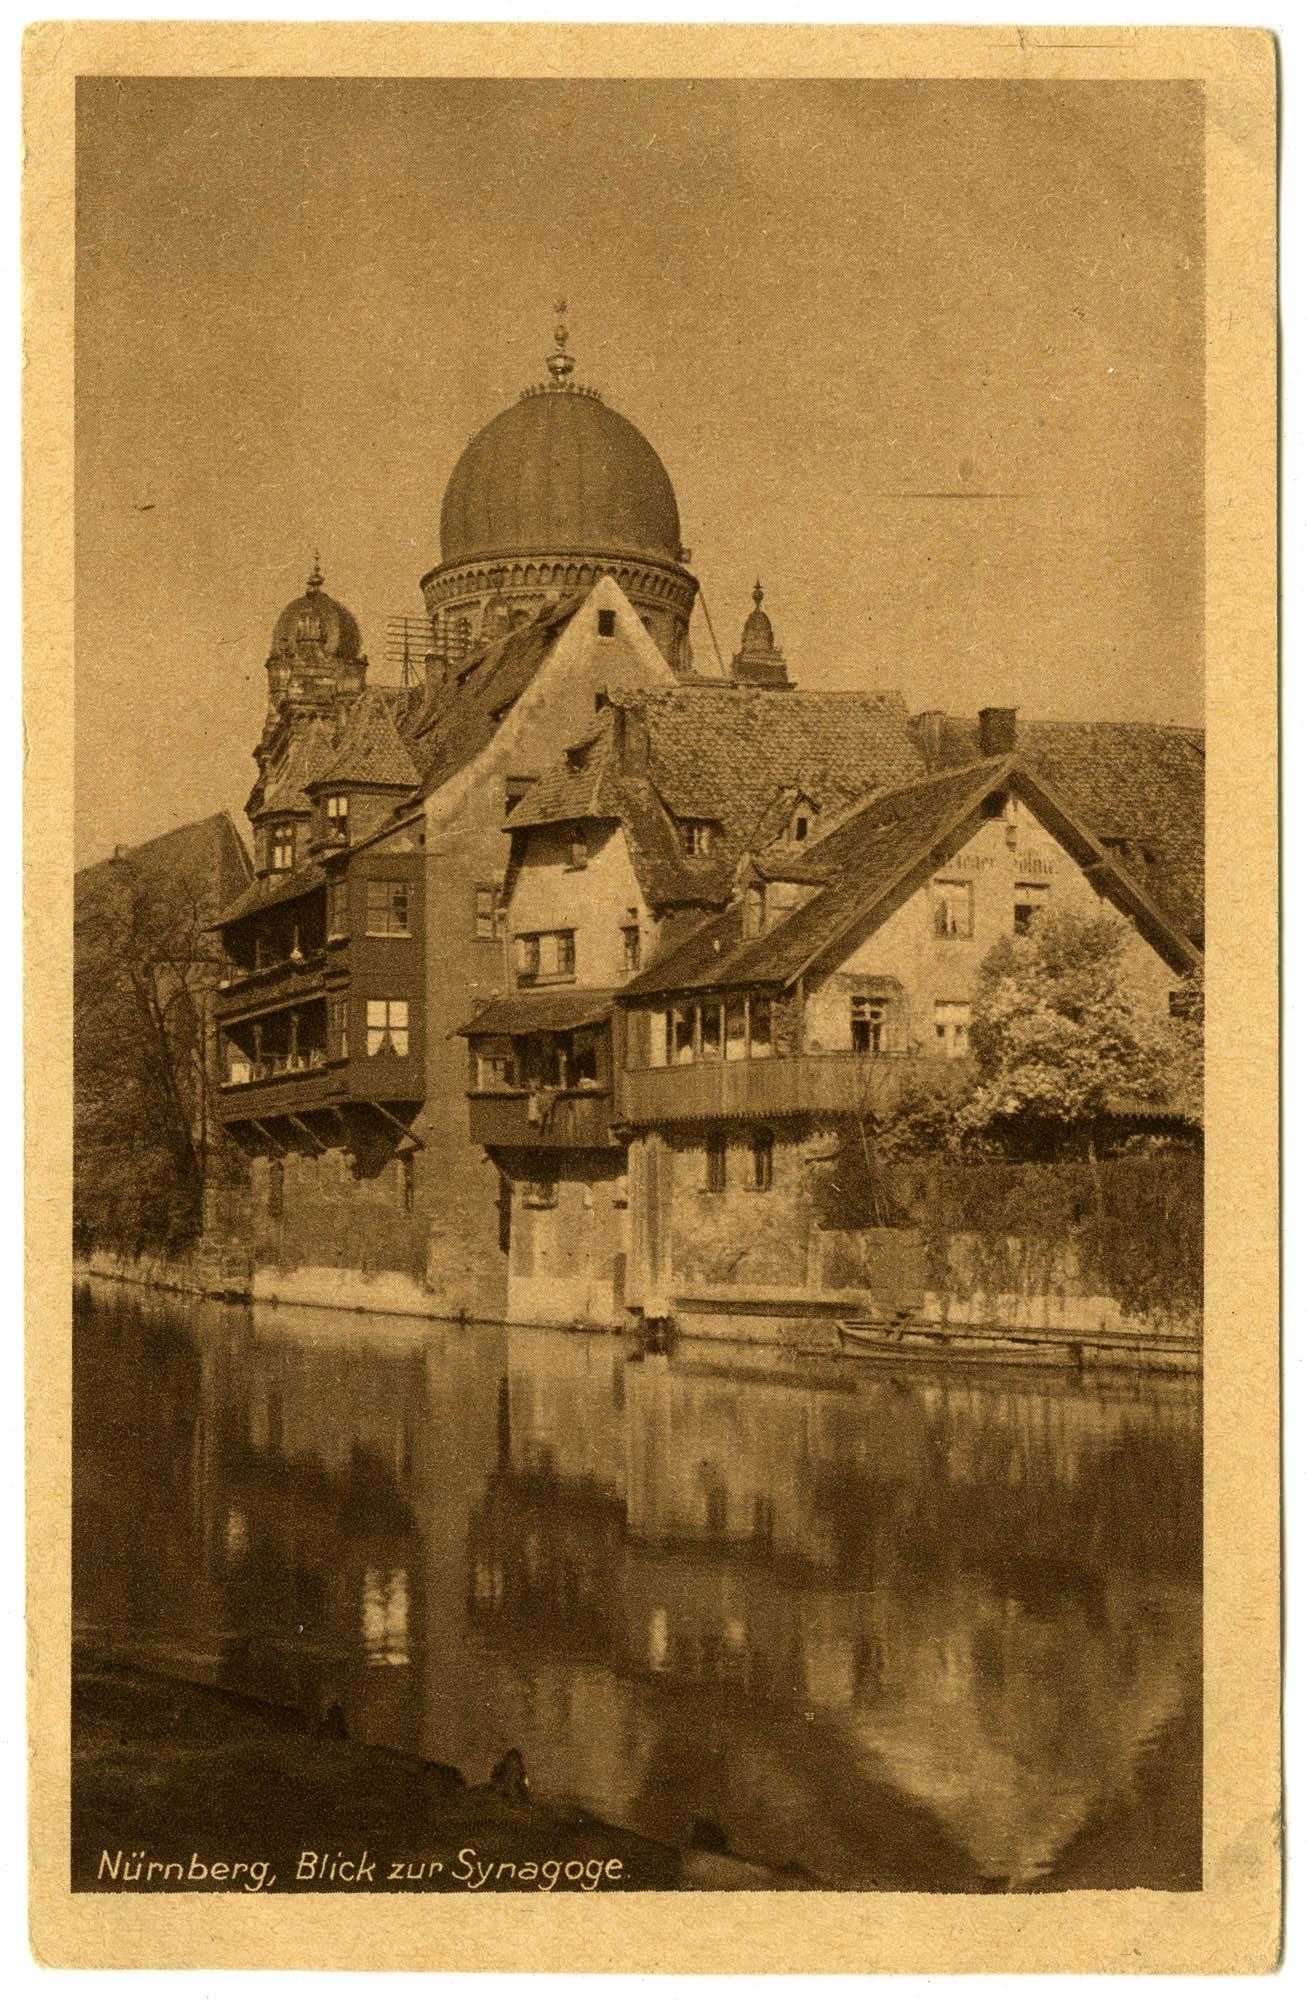 Nürnberg, Blick zur Synagoge